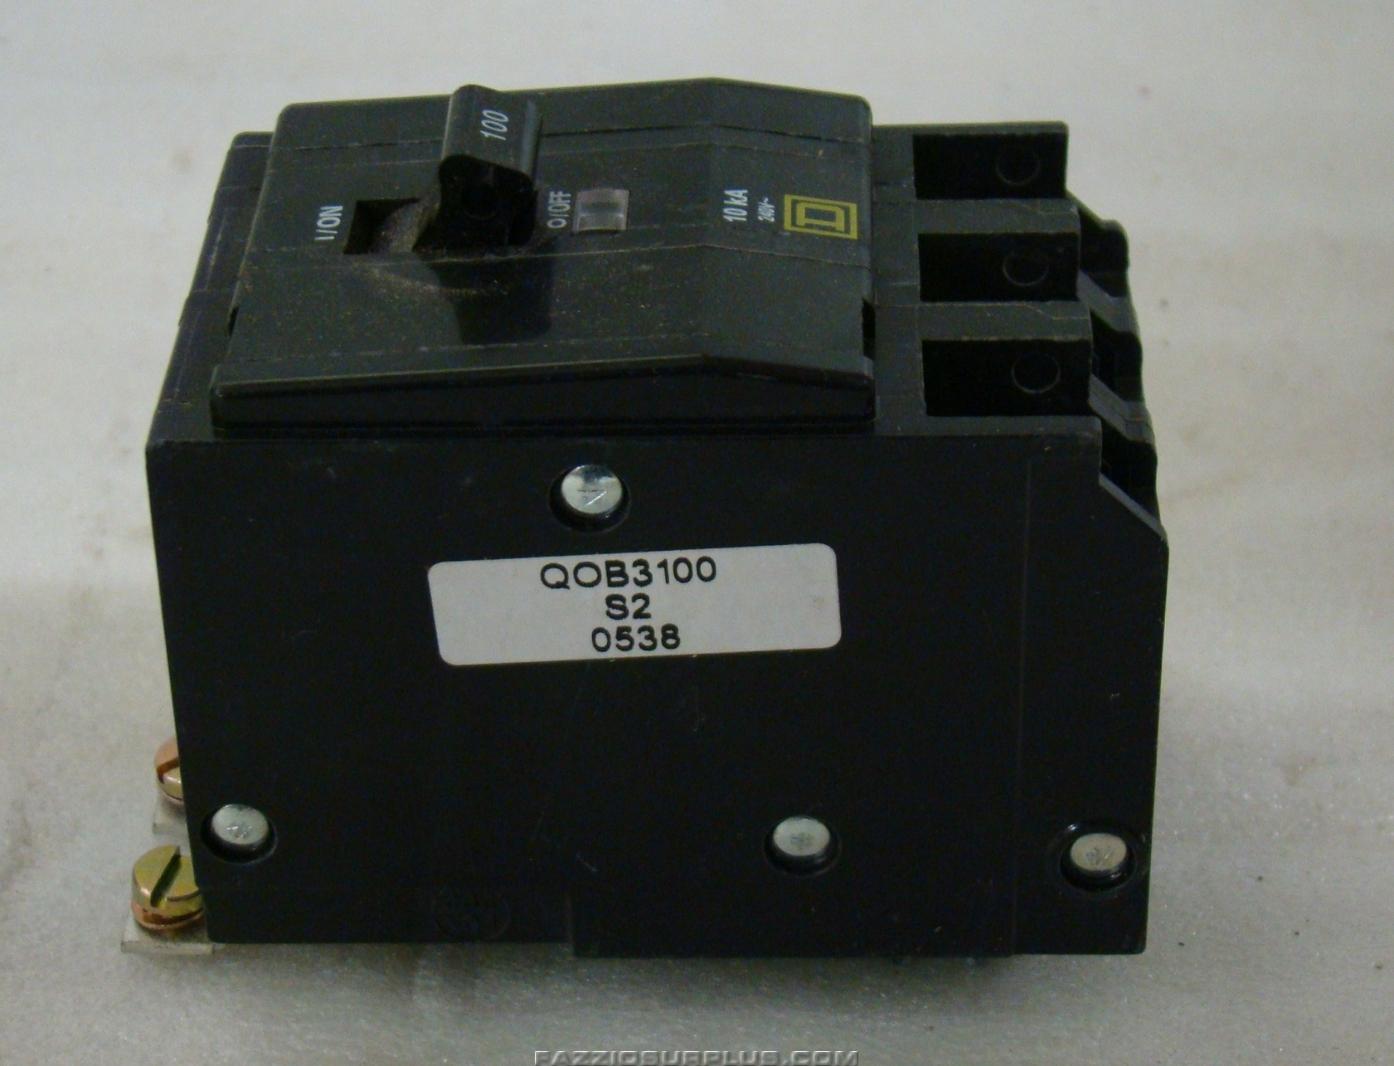 3 Pole Breaker Square D Details About Kal36100 100 Amp 600 Volts Circuit 480v Fal34060 100a Q0b3100 Ebay